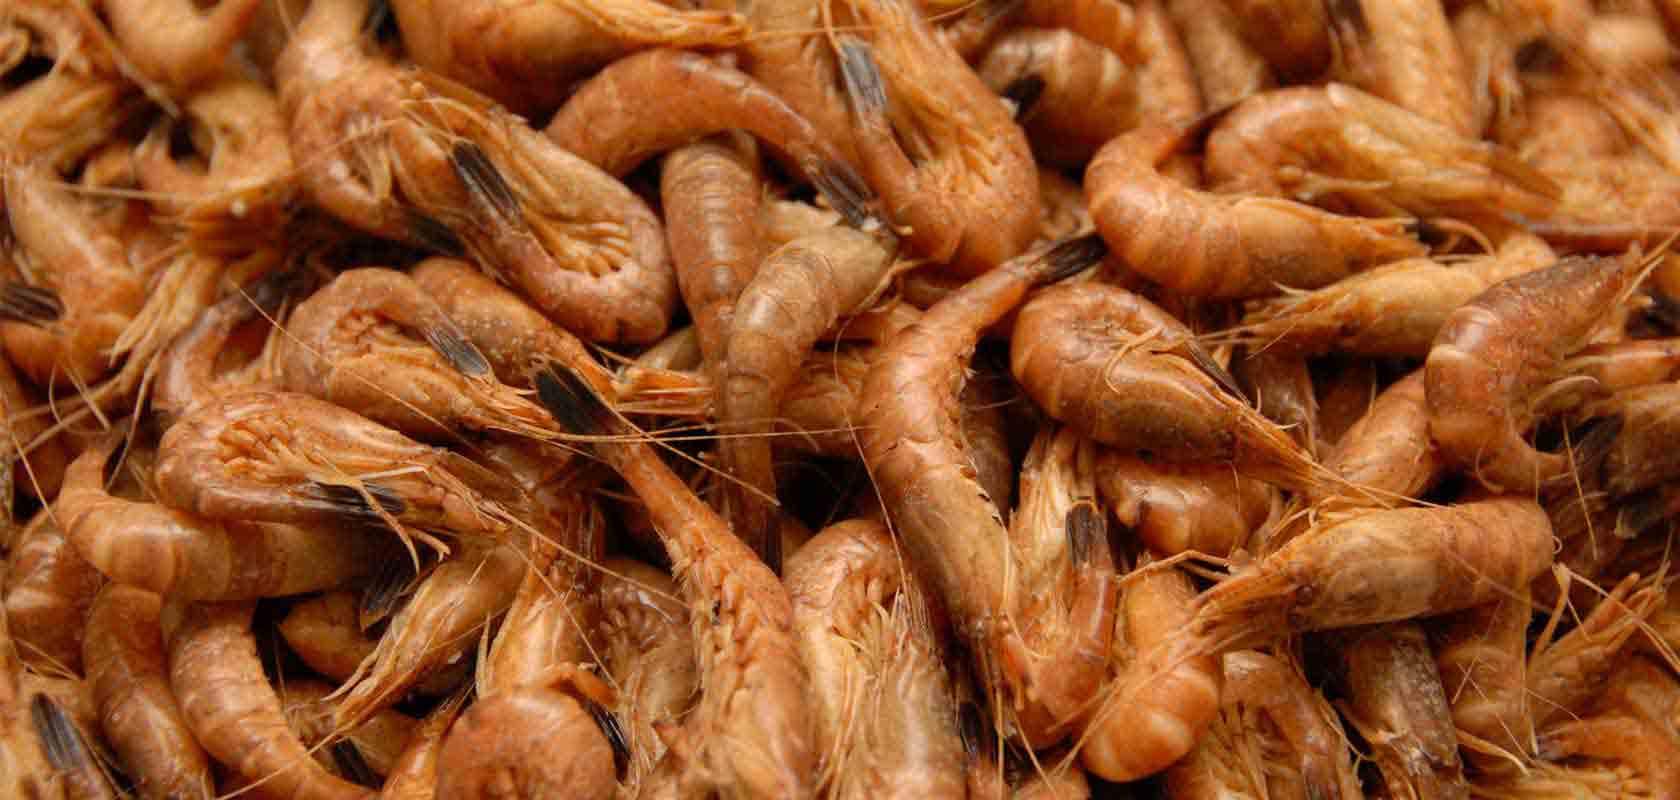 Edgar Madsen - fiskebutik - engros - eksport - frisk fisk fra Hvide Sande